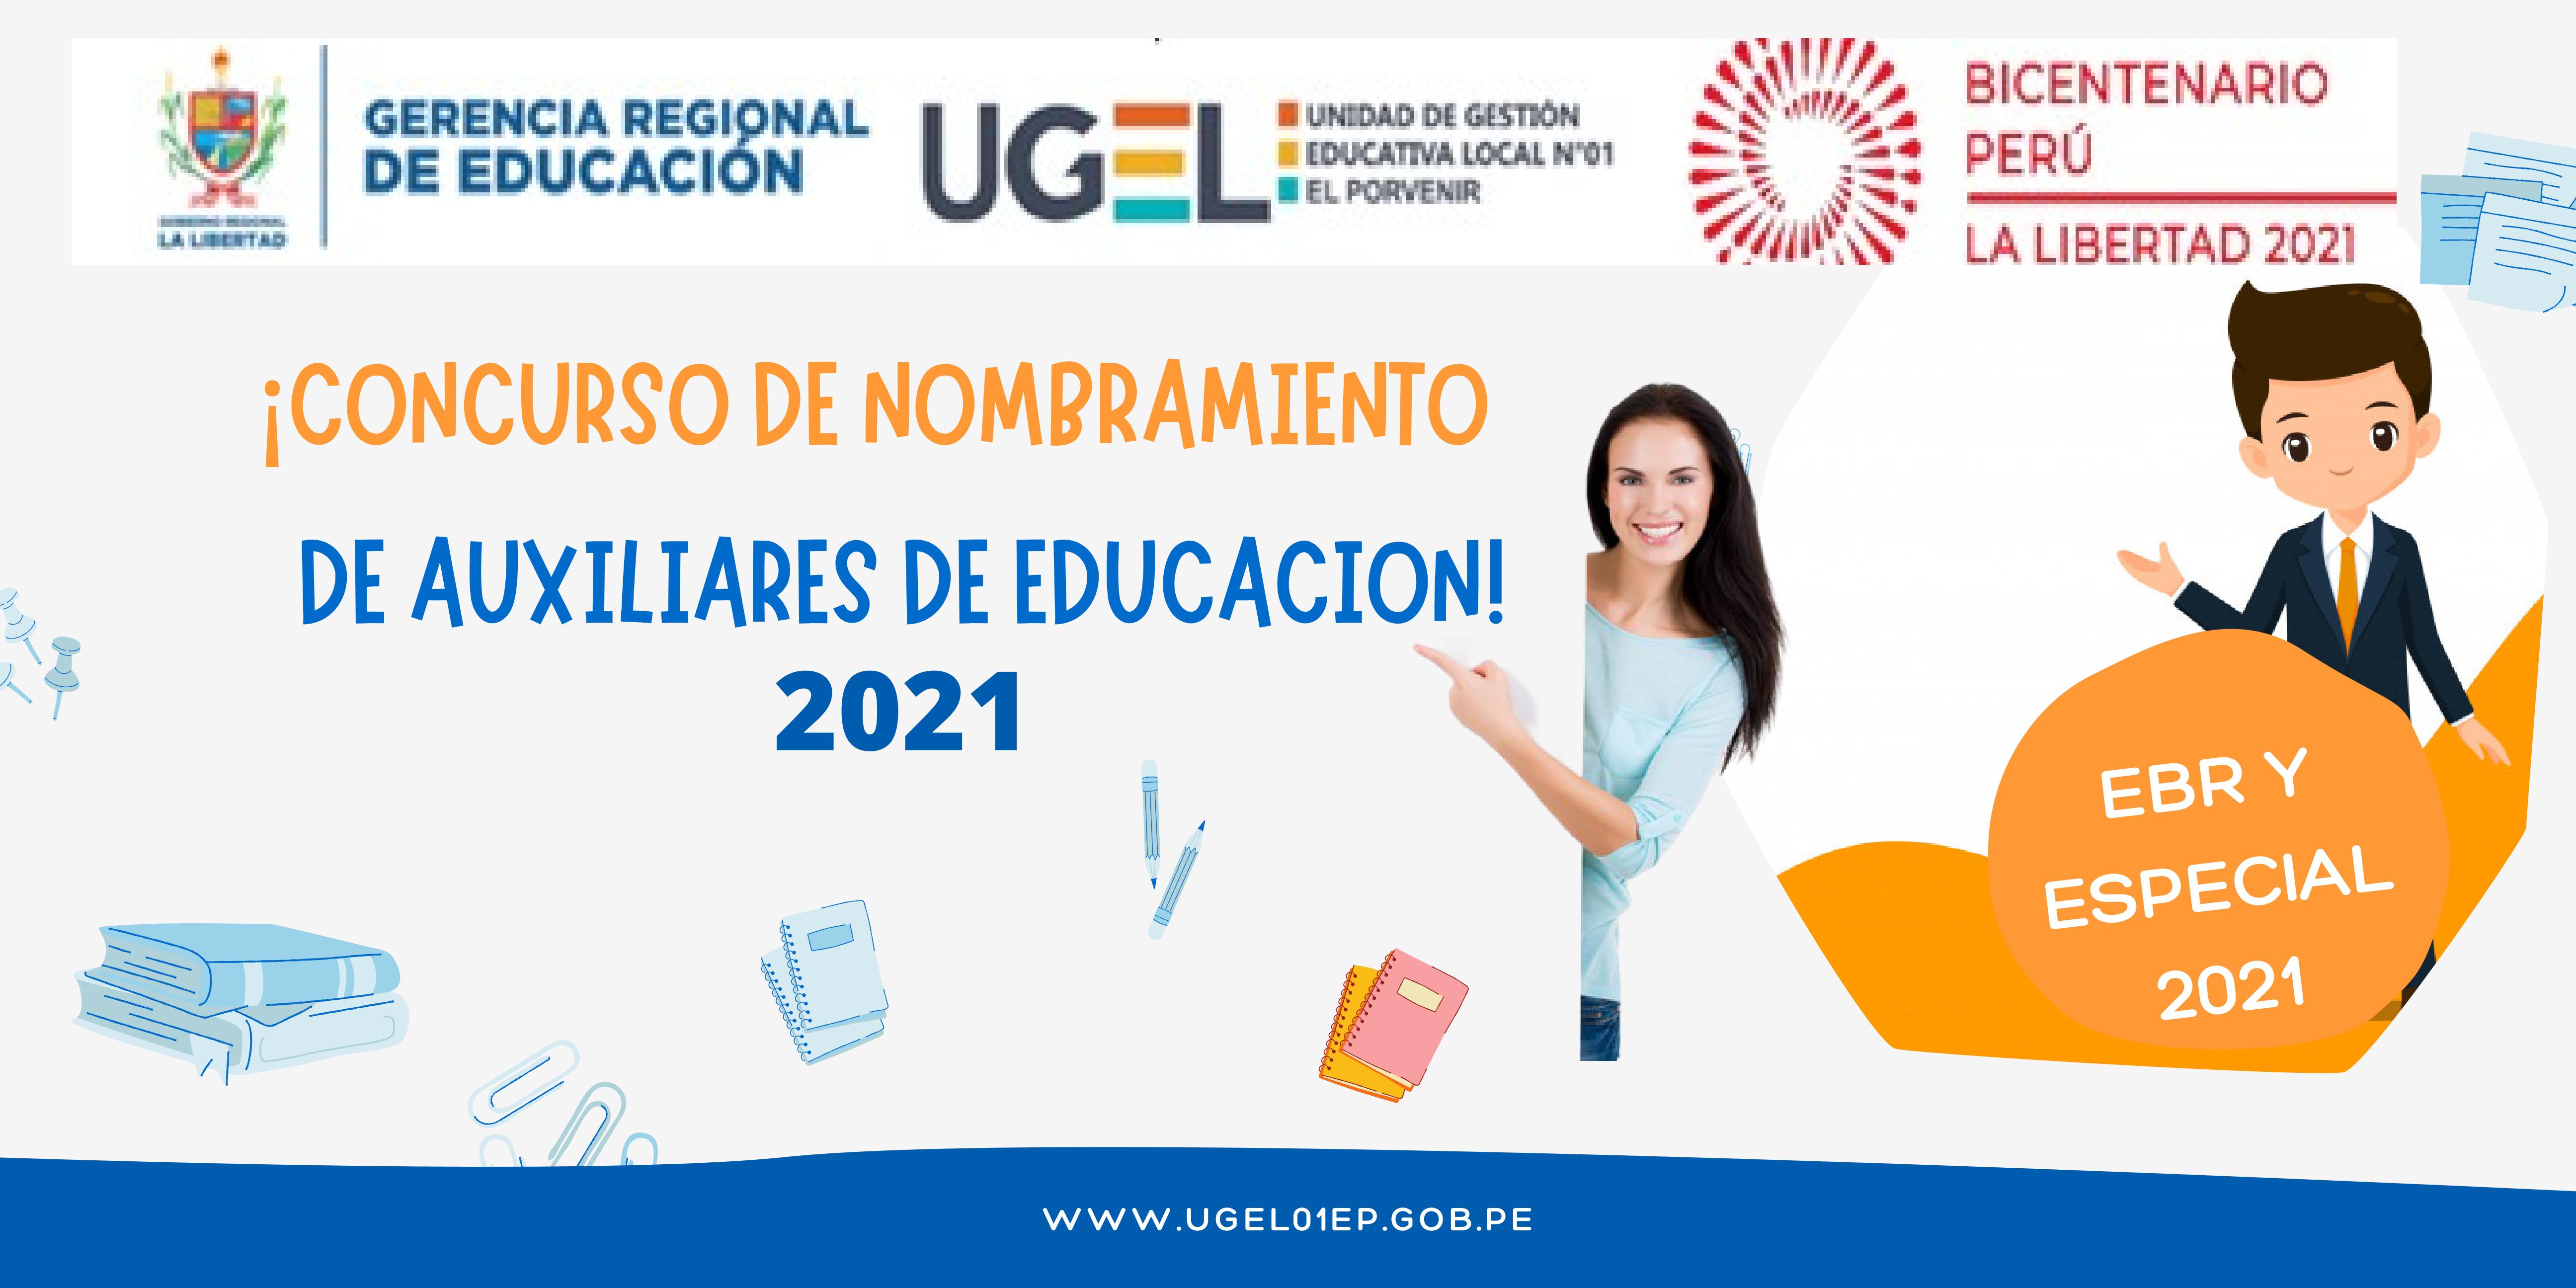 Concurso público de Nombramiento en el cargo de Auxiliar de Educación en Instituciones Educativas Públicas de la Educación Básica Regular y Especial-2021